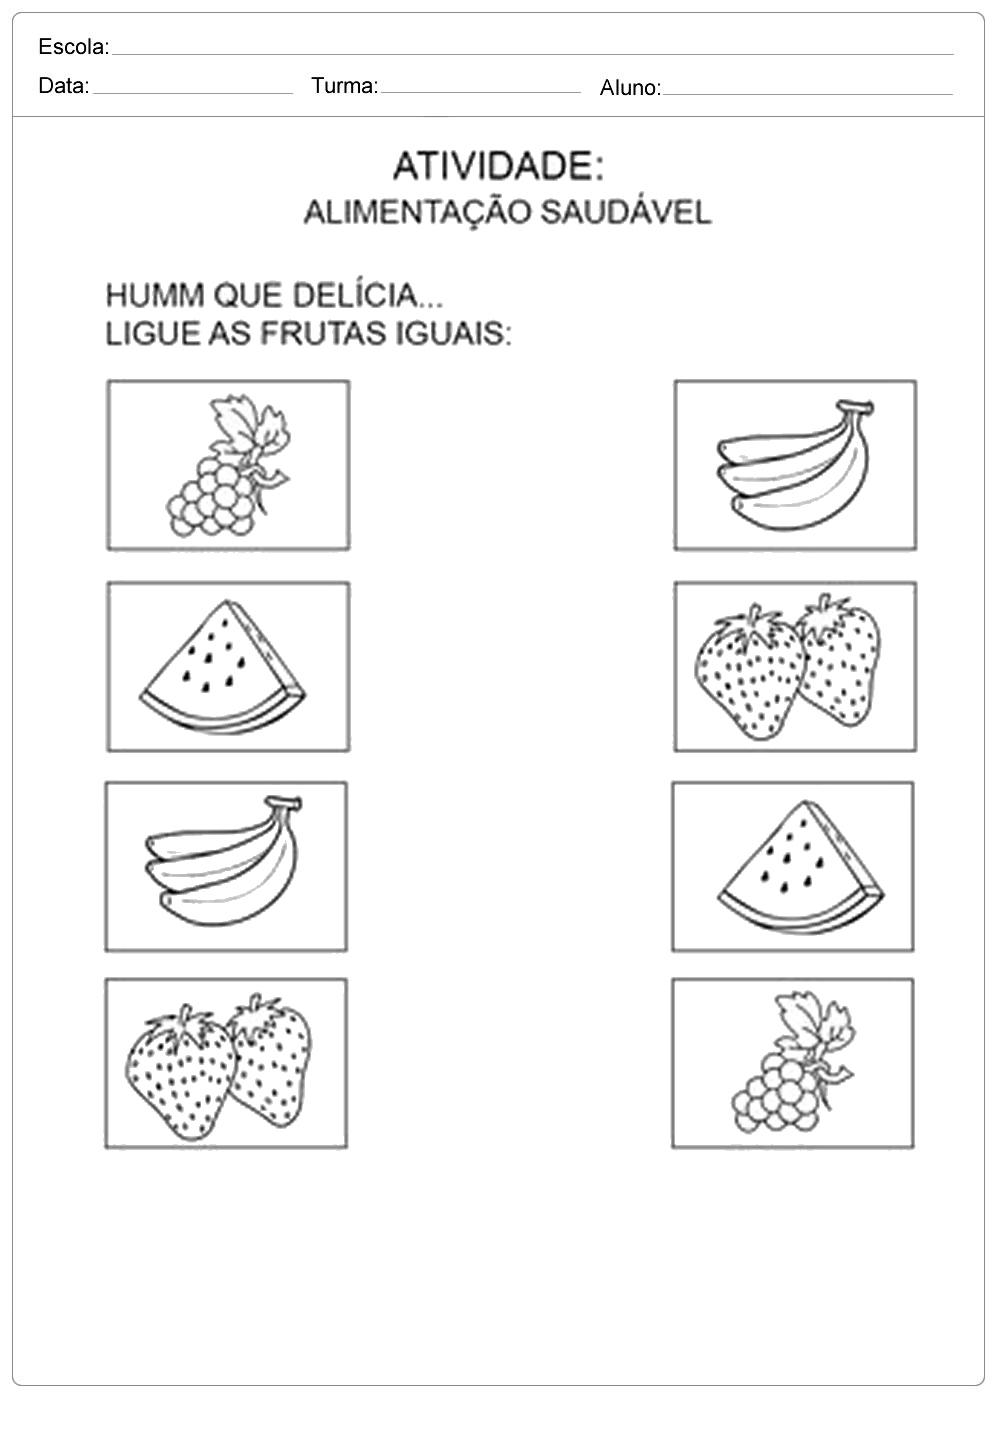 Favoritos Ligue as frutas iguais - Escola Educação RZ09